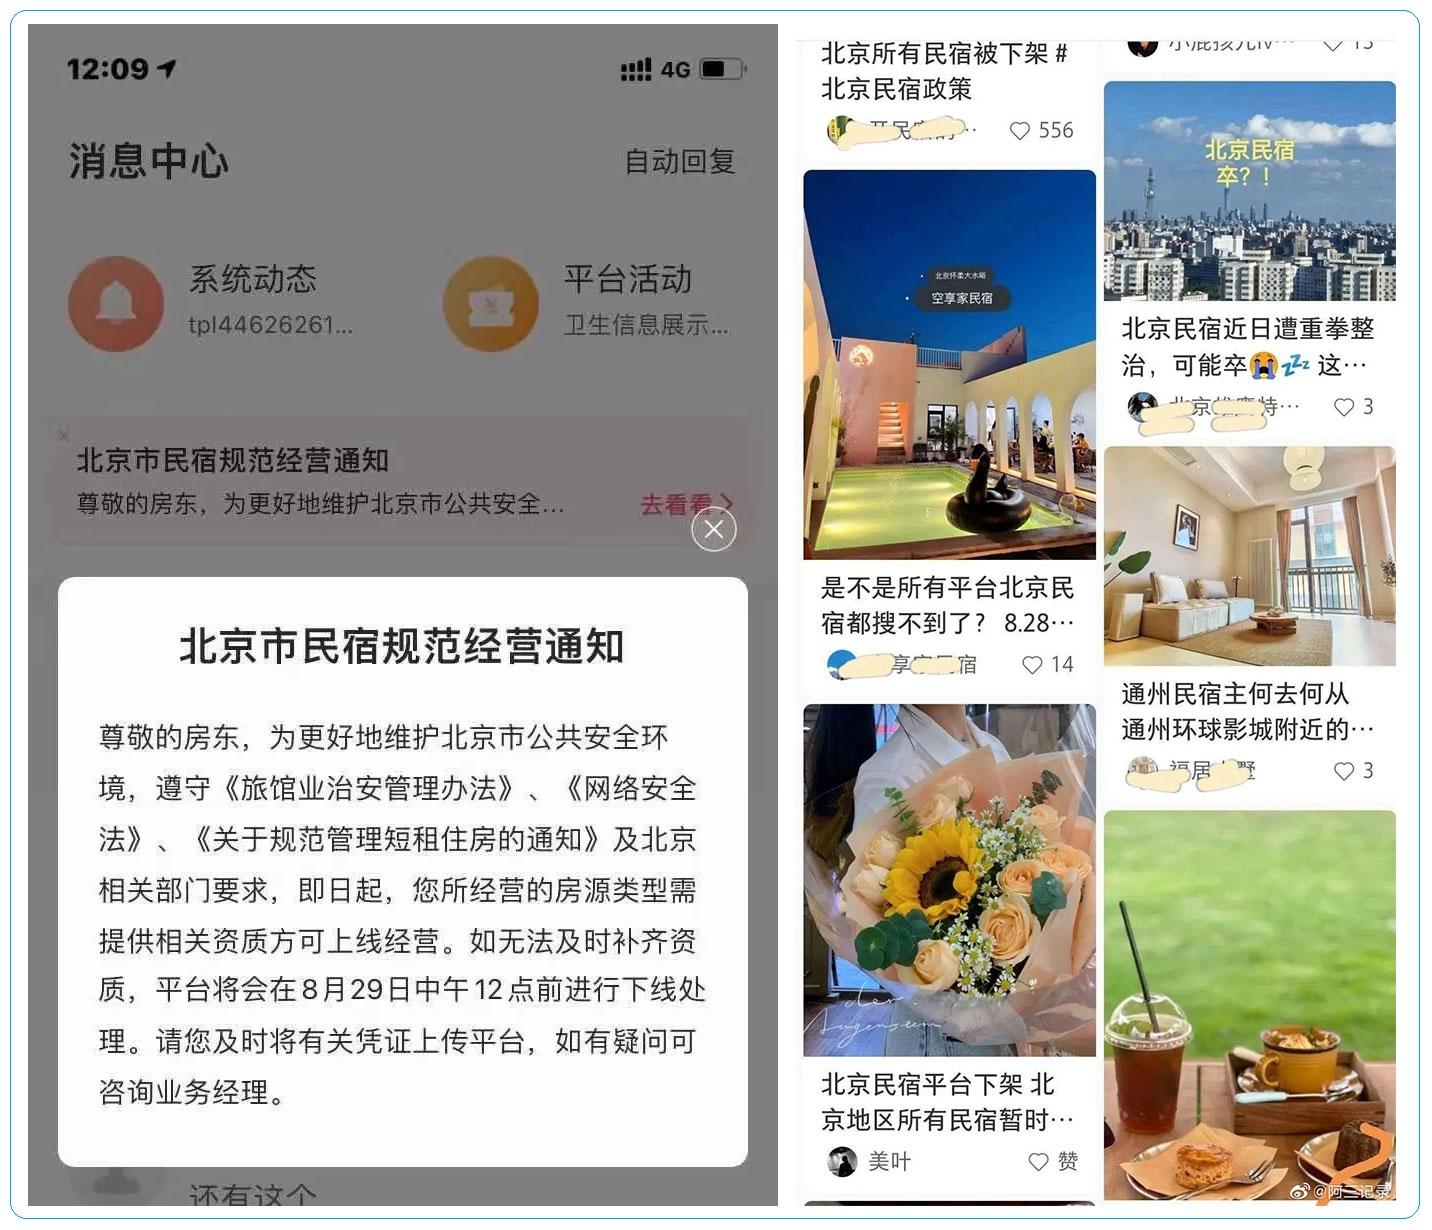 北京民宿行业遭遇灭顶之灾   十万左右的业主受影响